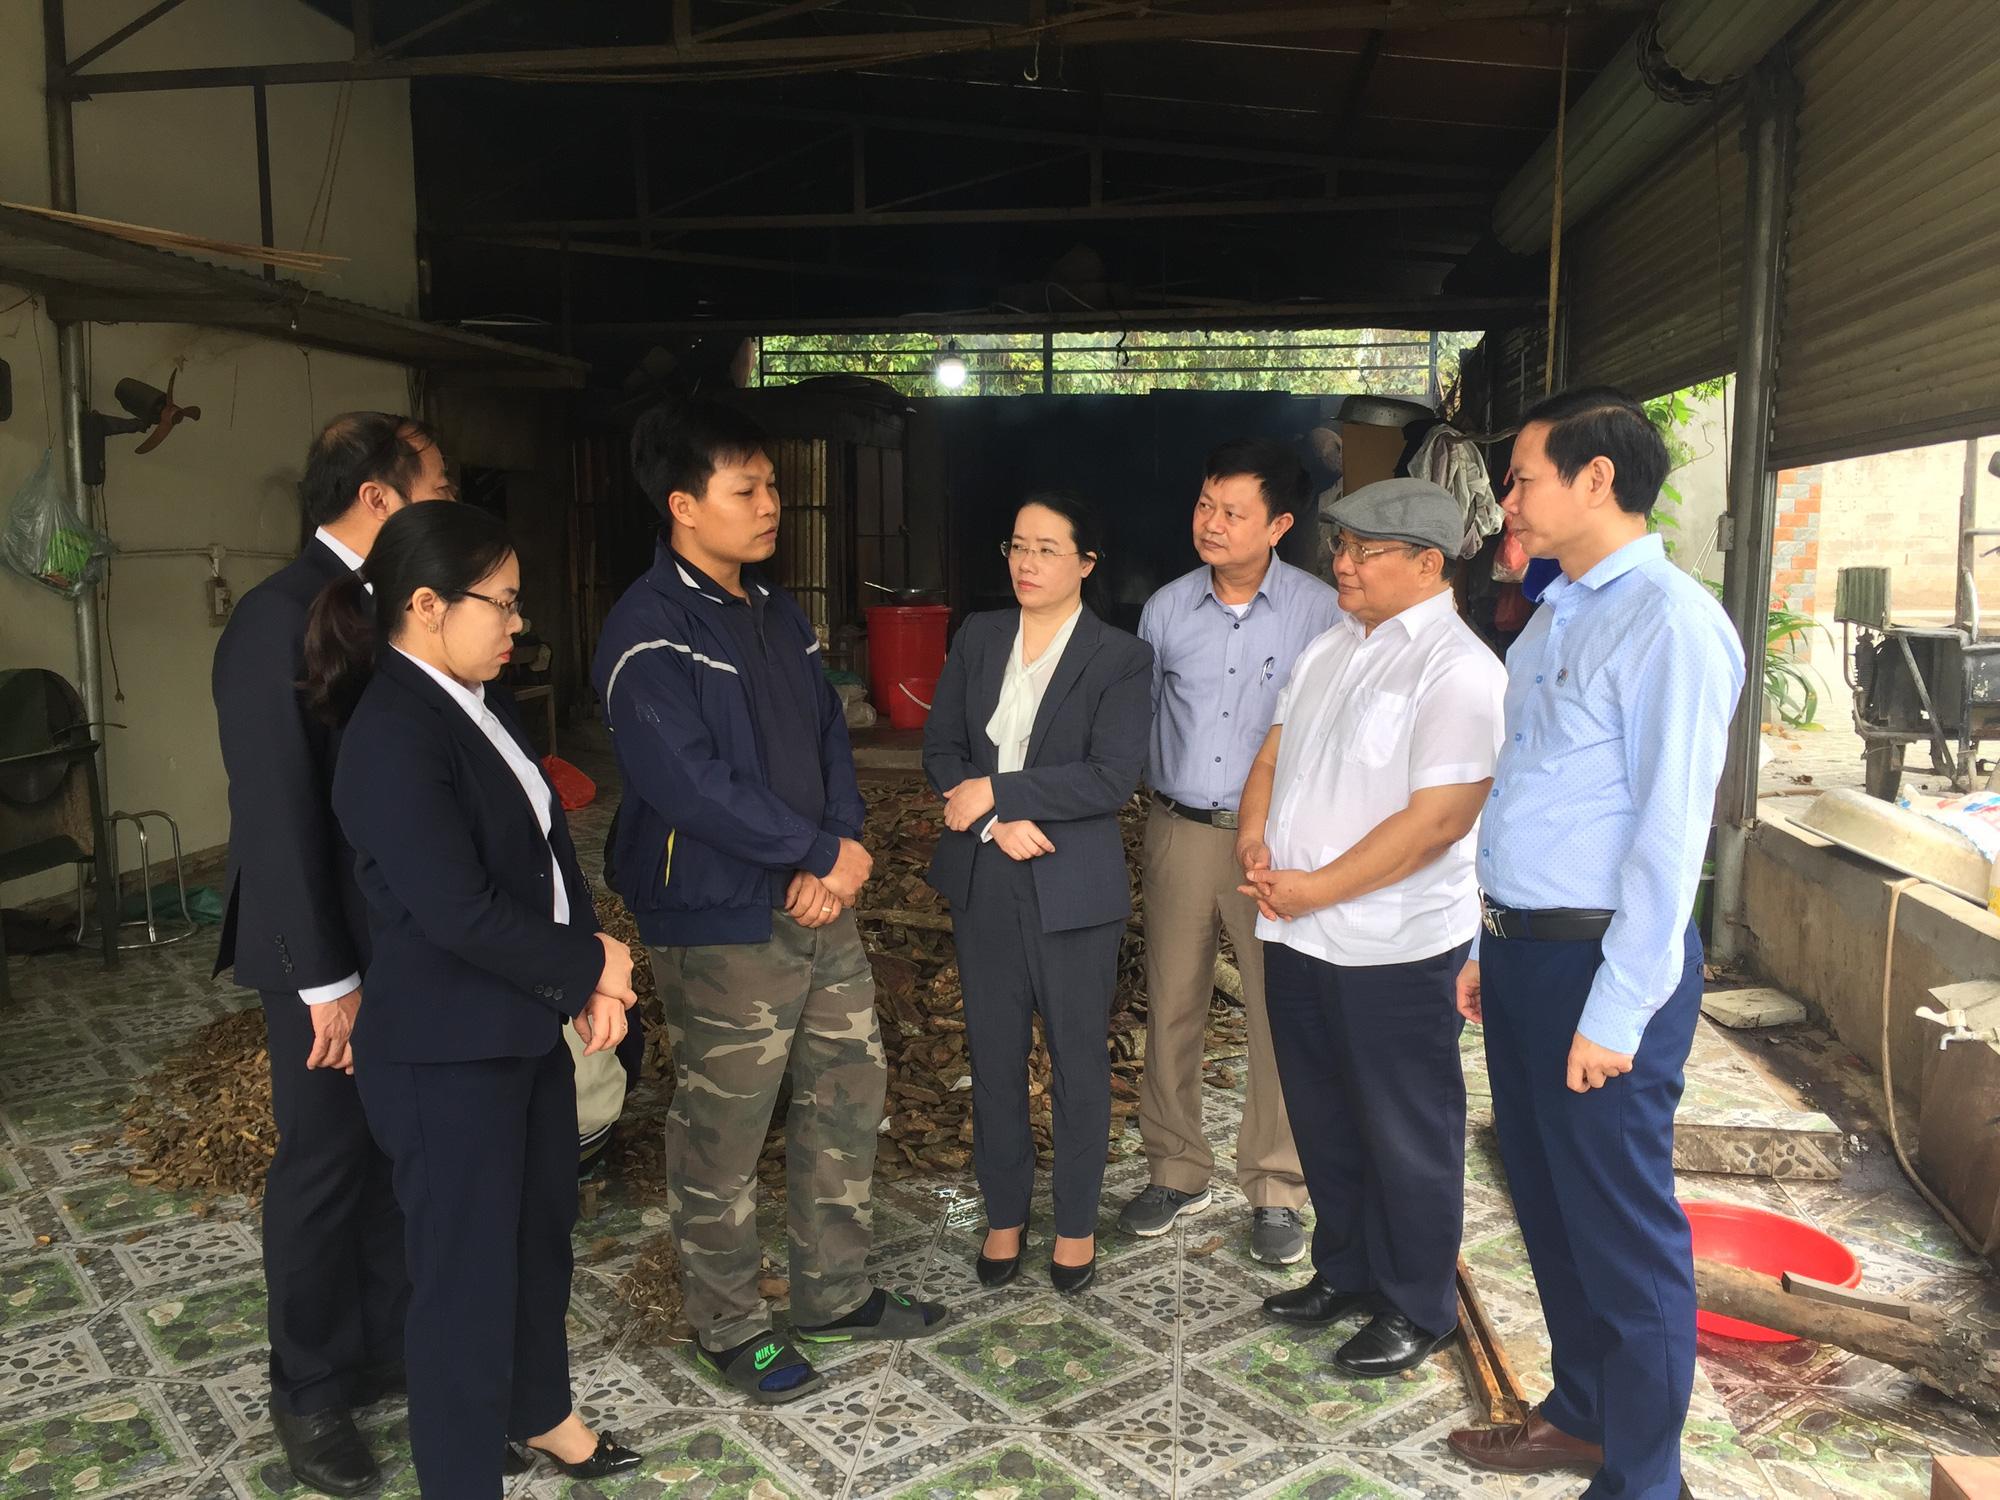 Phó Chủ tịch Hội Nông dân Việt Nam thăm nơi cả làng là người Dao làm nghề thuốc Nam - Ảnh 7.